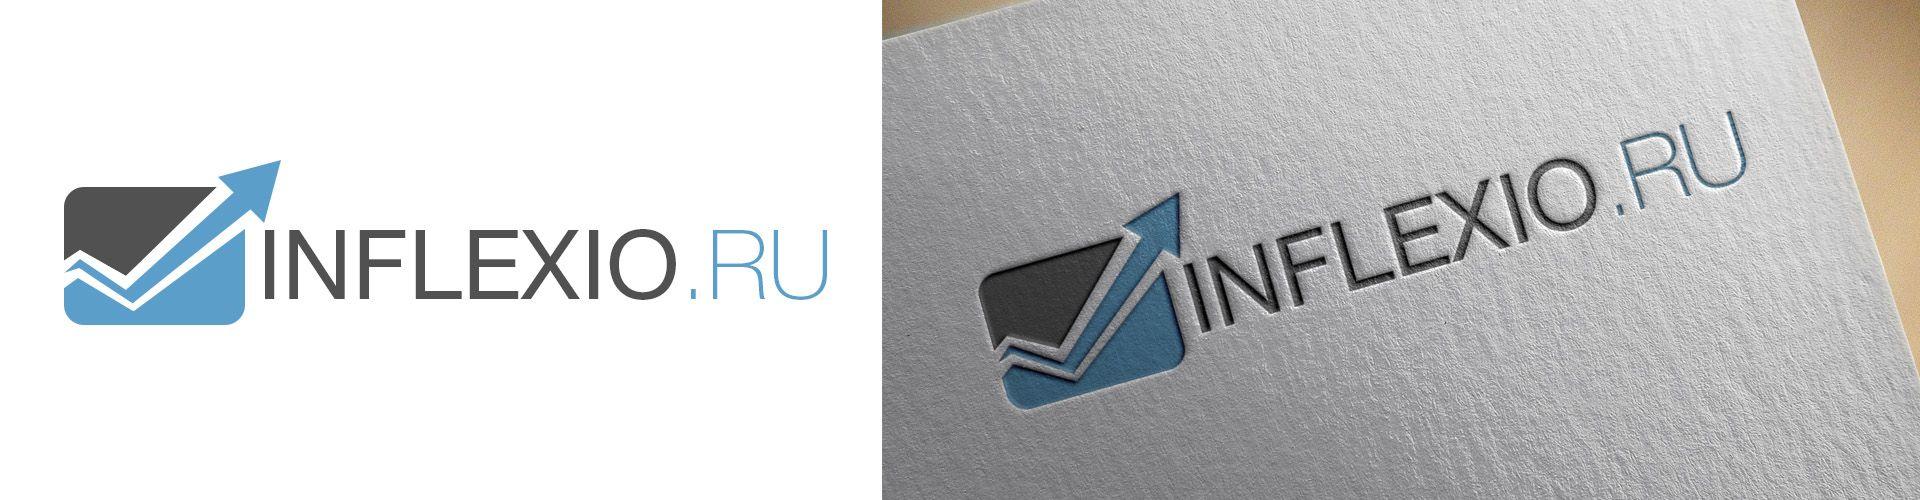 Логотип для Inflexio.ru - дизайнер NVSpro